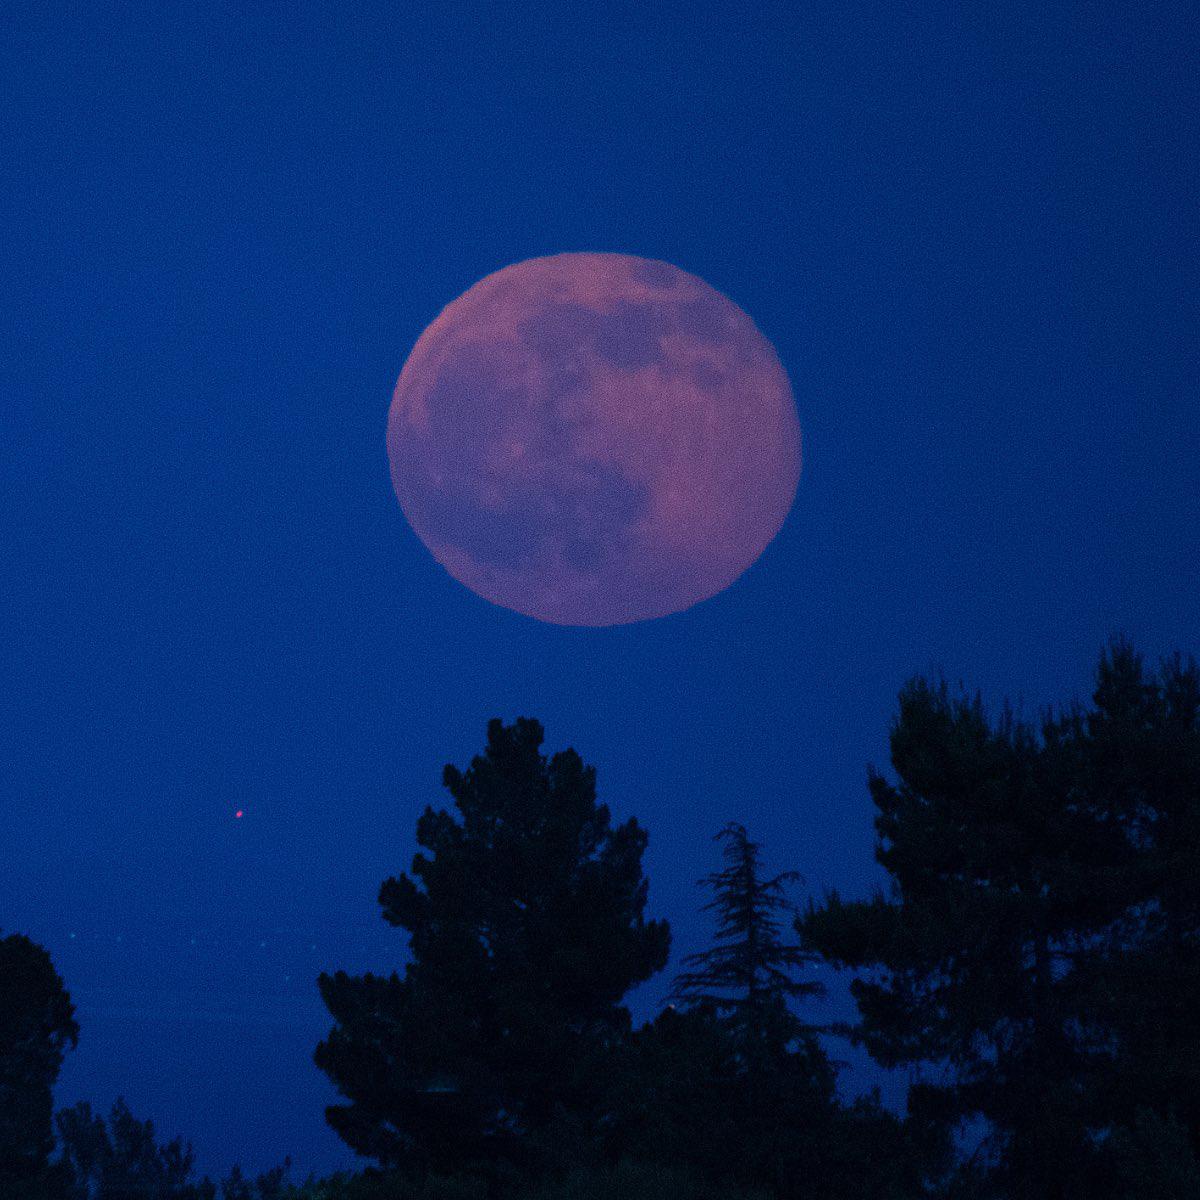 Ngất ngây với một loạt khoảnh khắc về hiện tượng mặt trăng dâu tây hiếm có diễn ra vào đêm qua, rạng sáng nay - Ảnh 9.